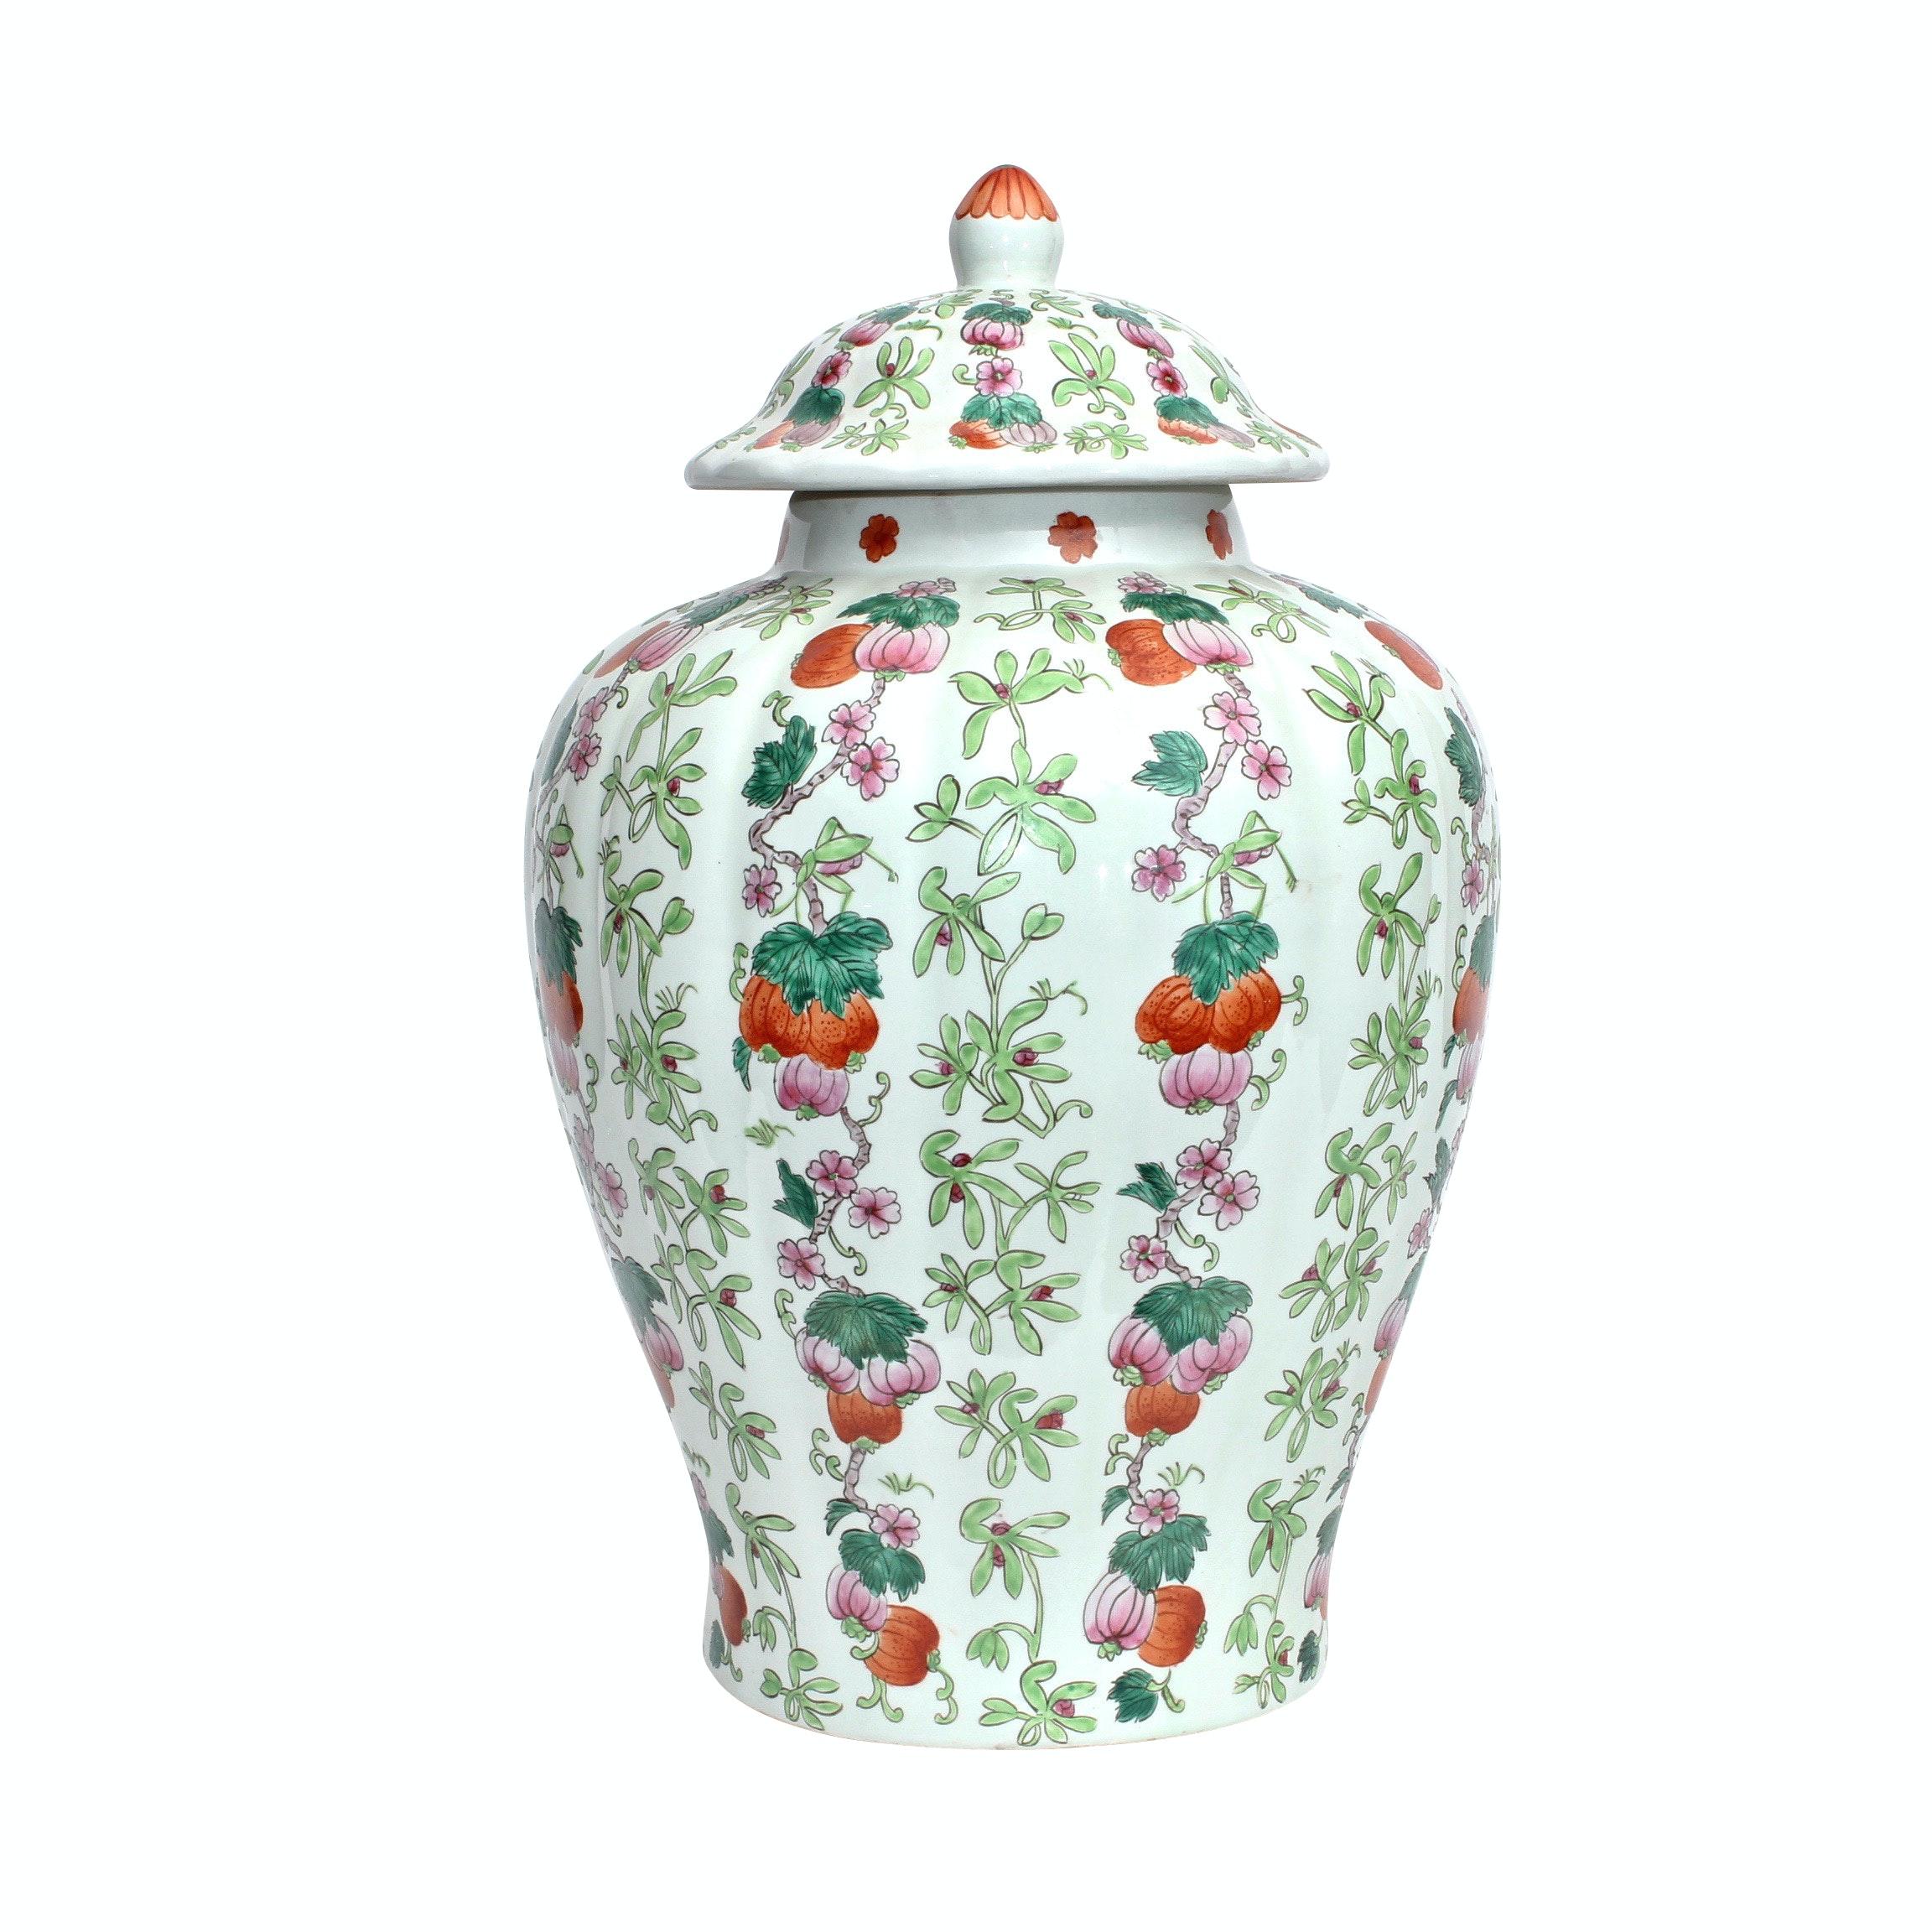 Chinese Porcelain Floral Urn, Vintage